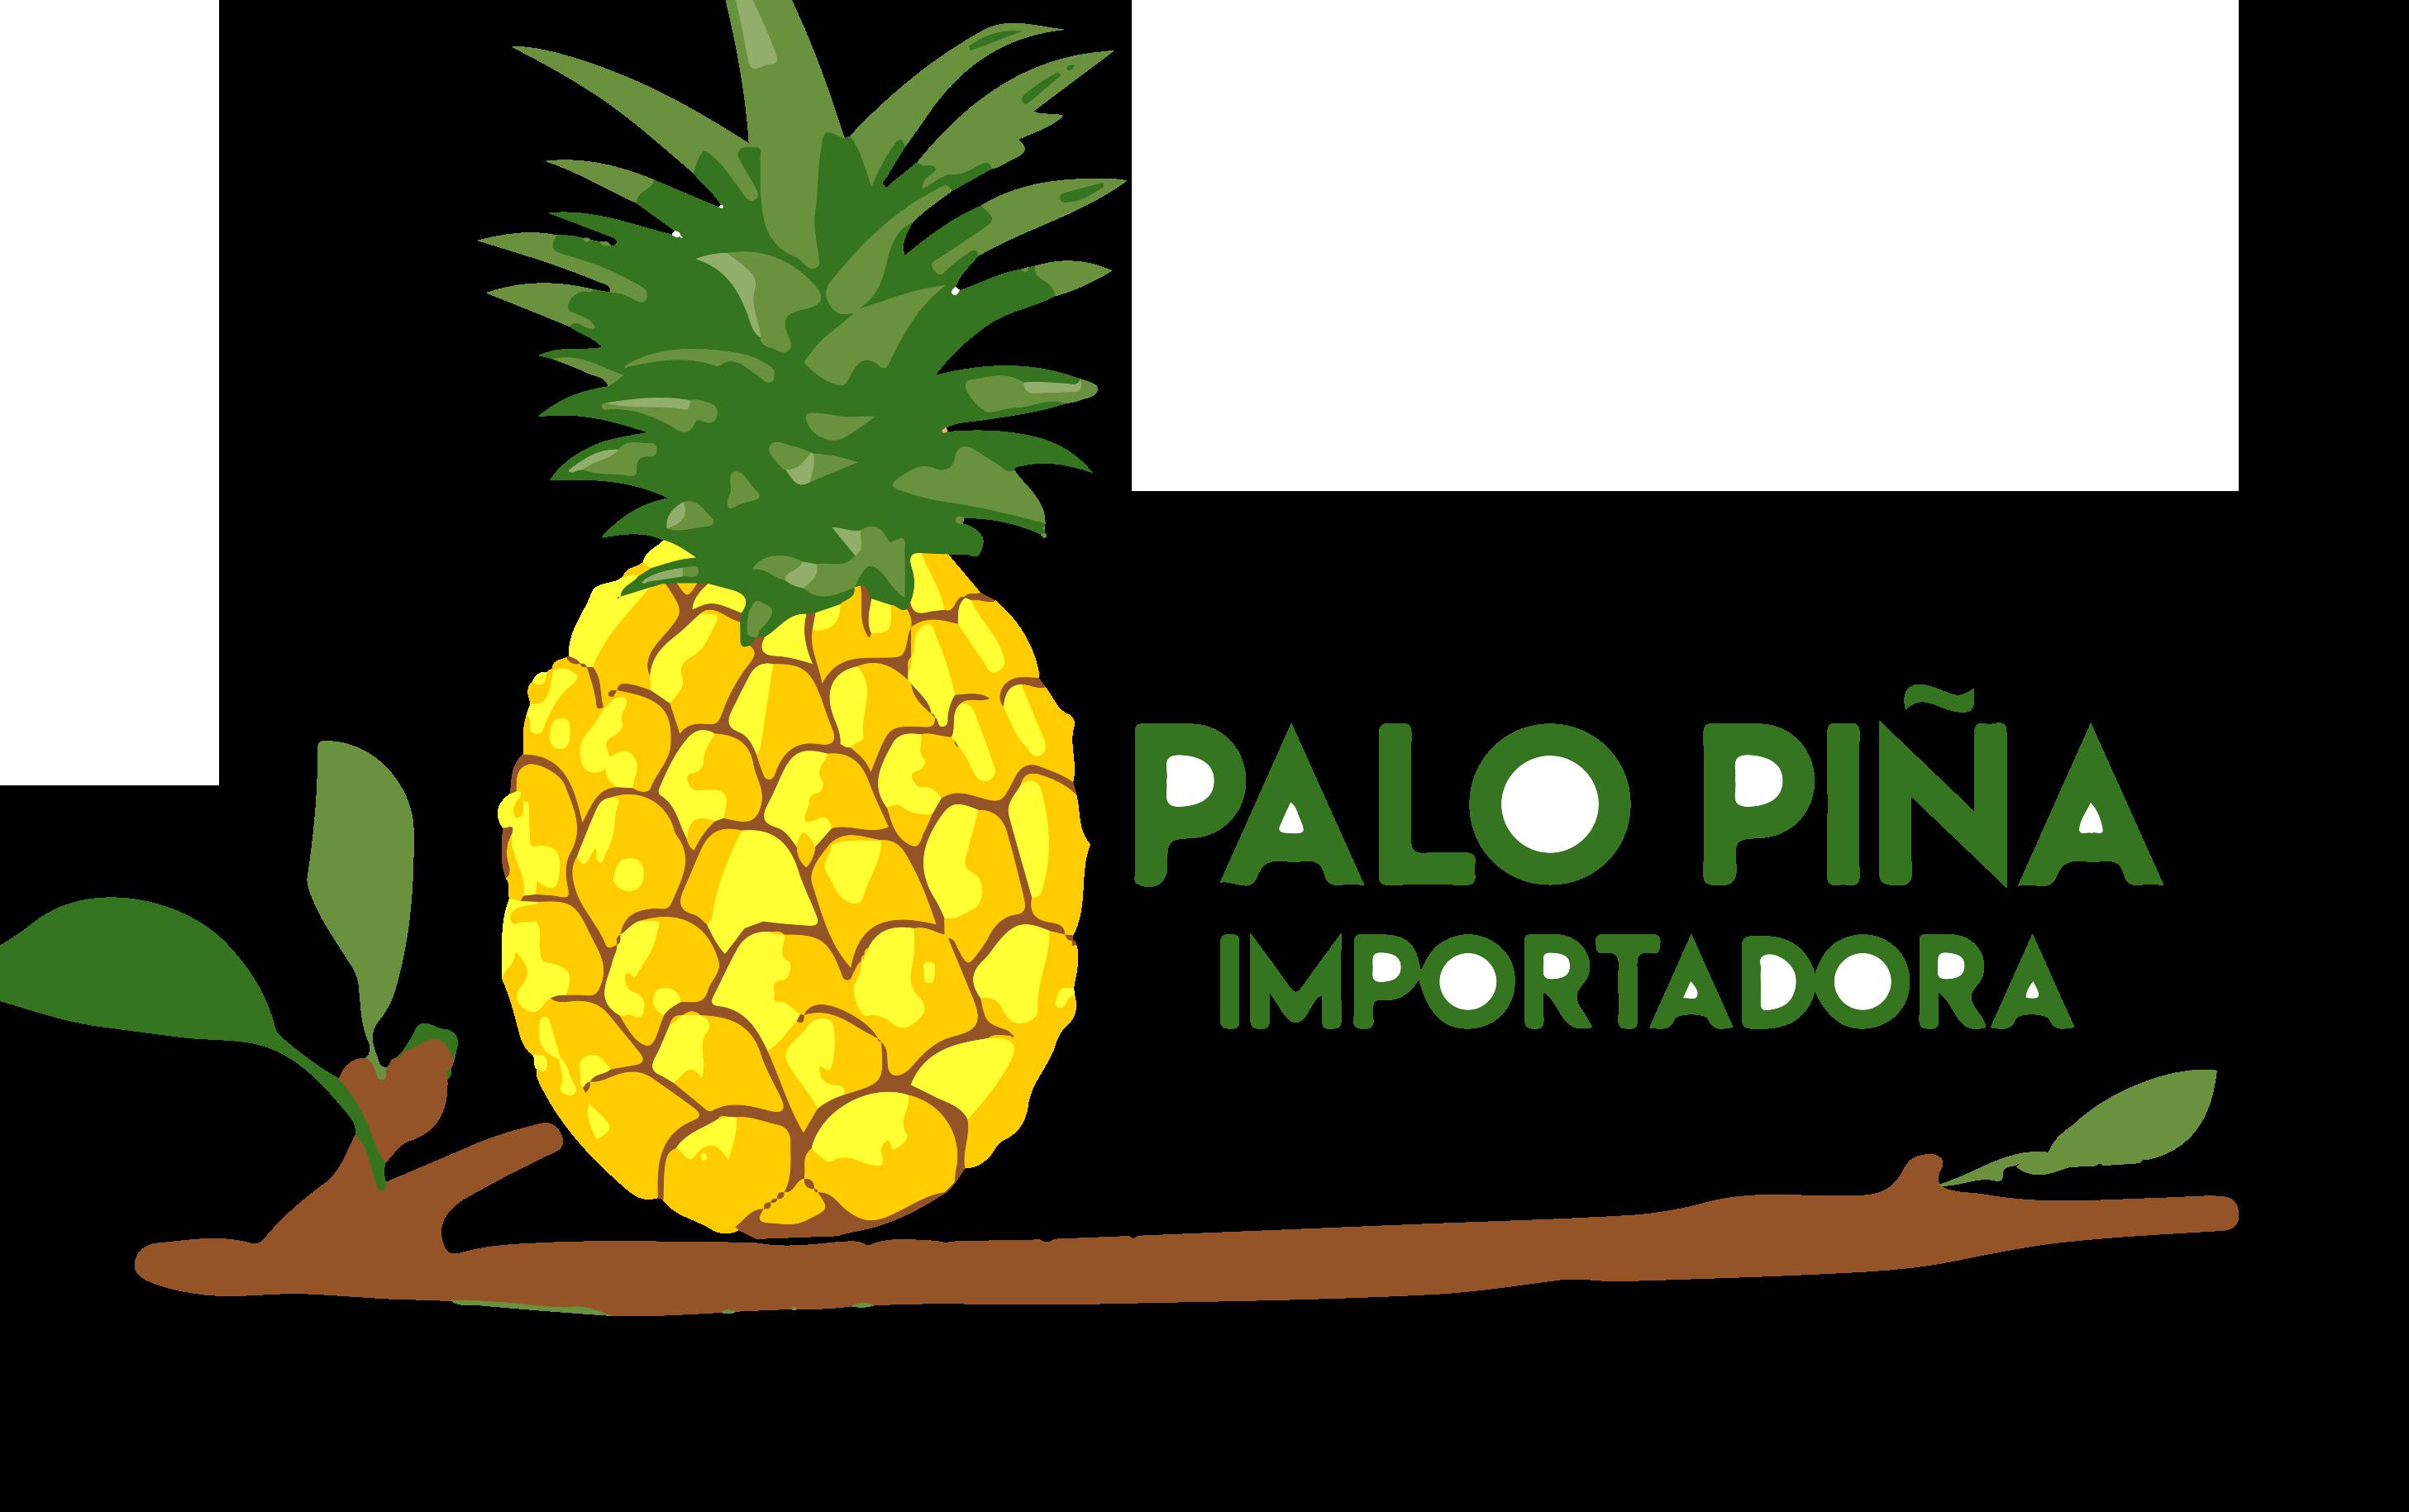 Importadora Palo Piña